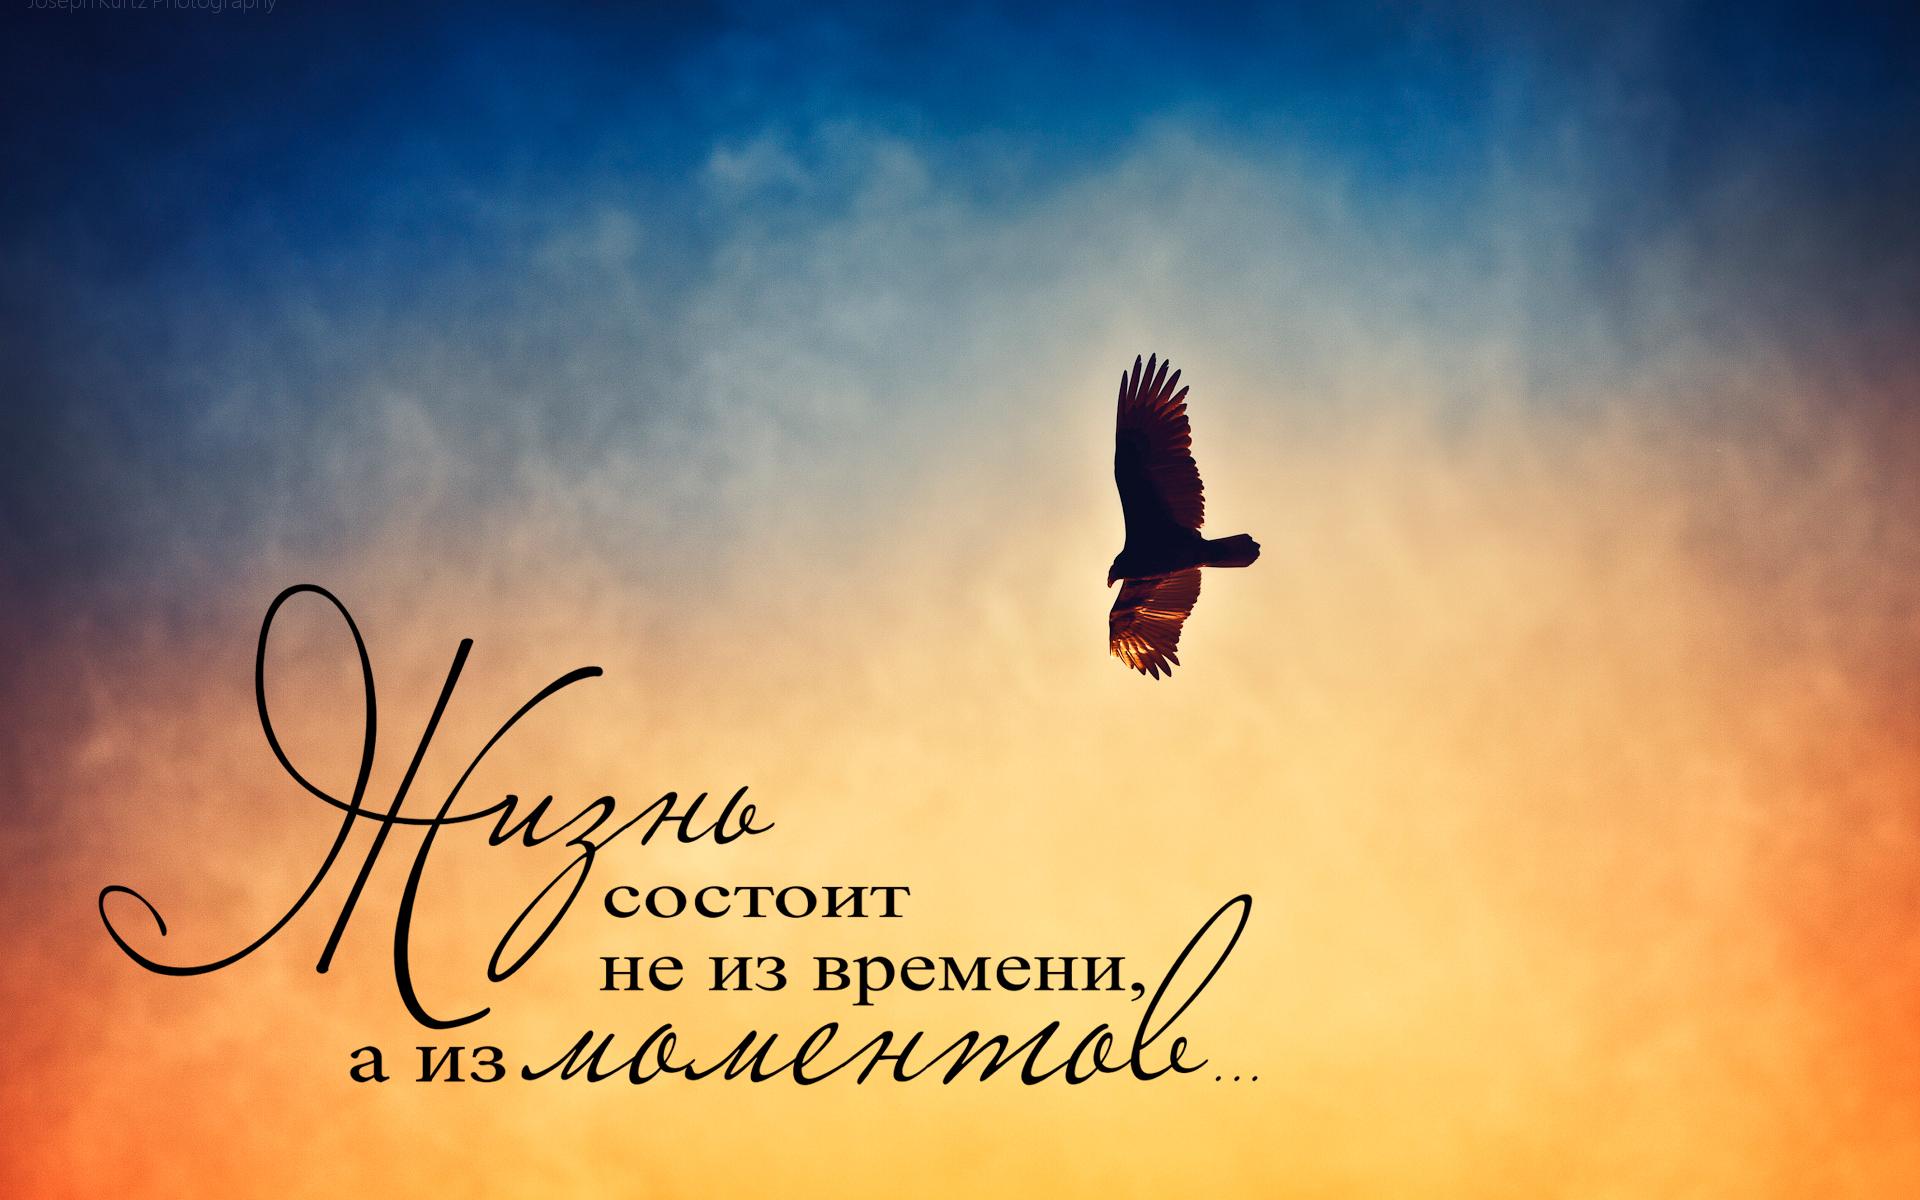 жизнь состоит не из времени, а из моментов